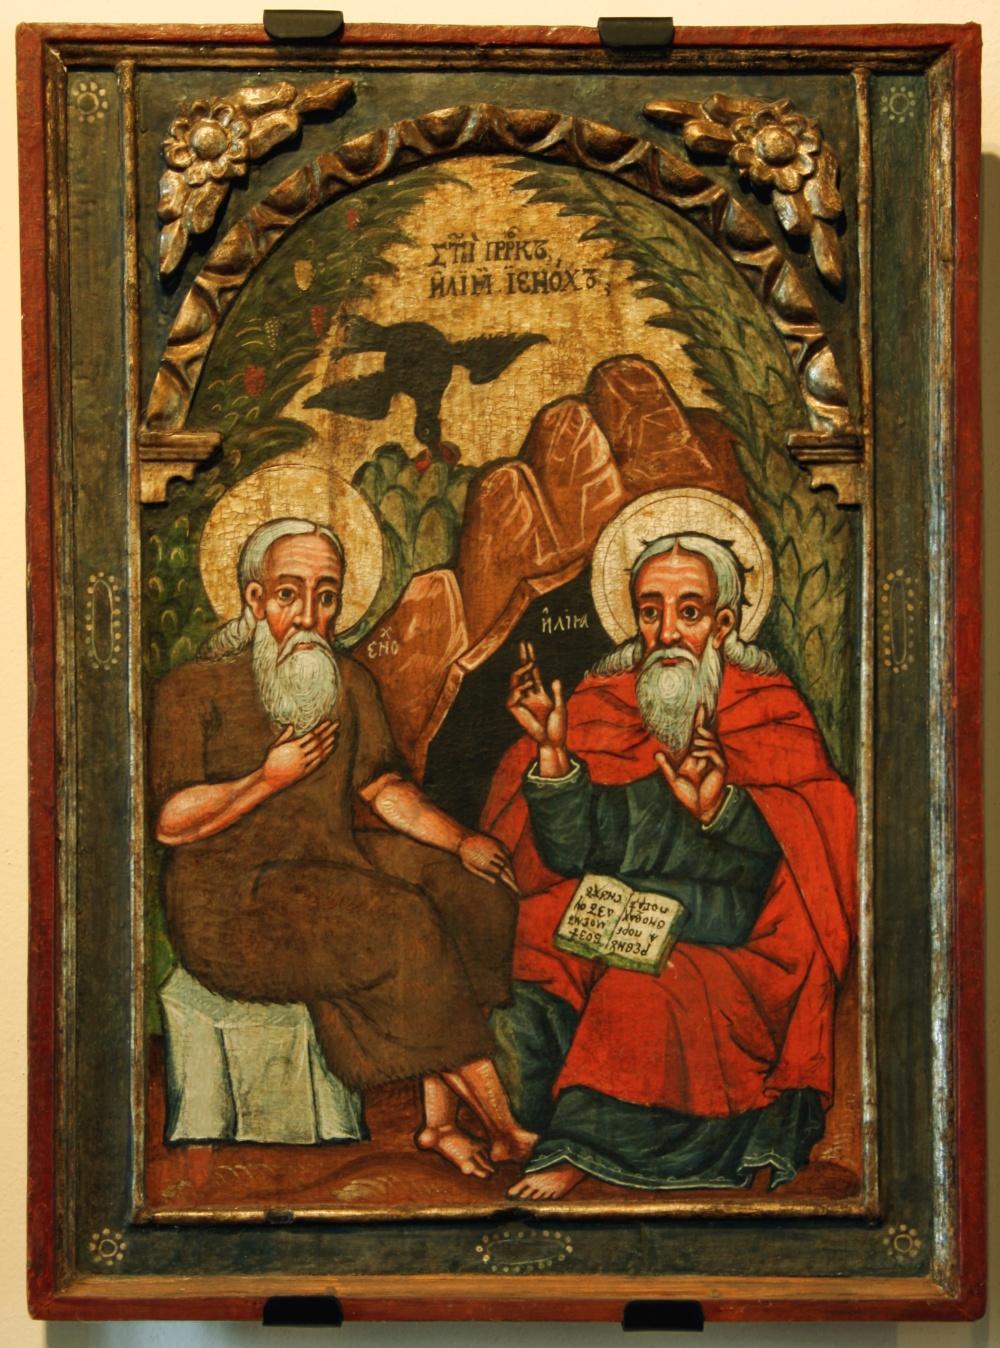 Elijah and Enoch